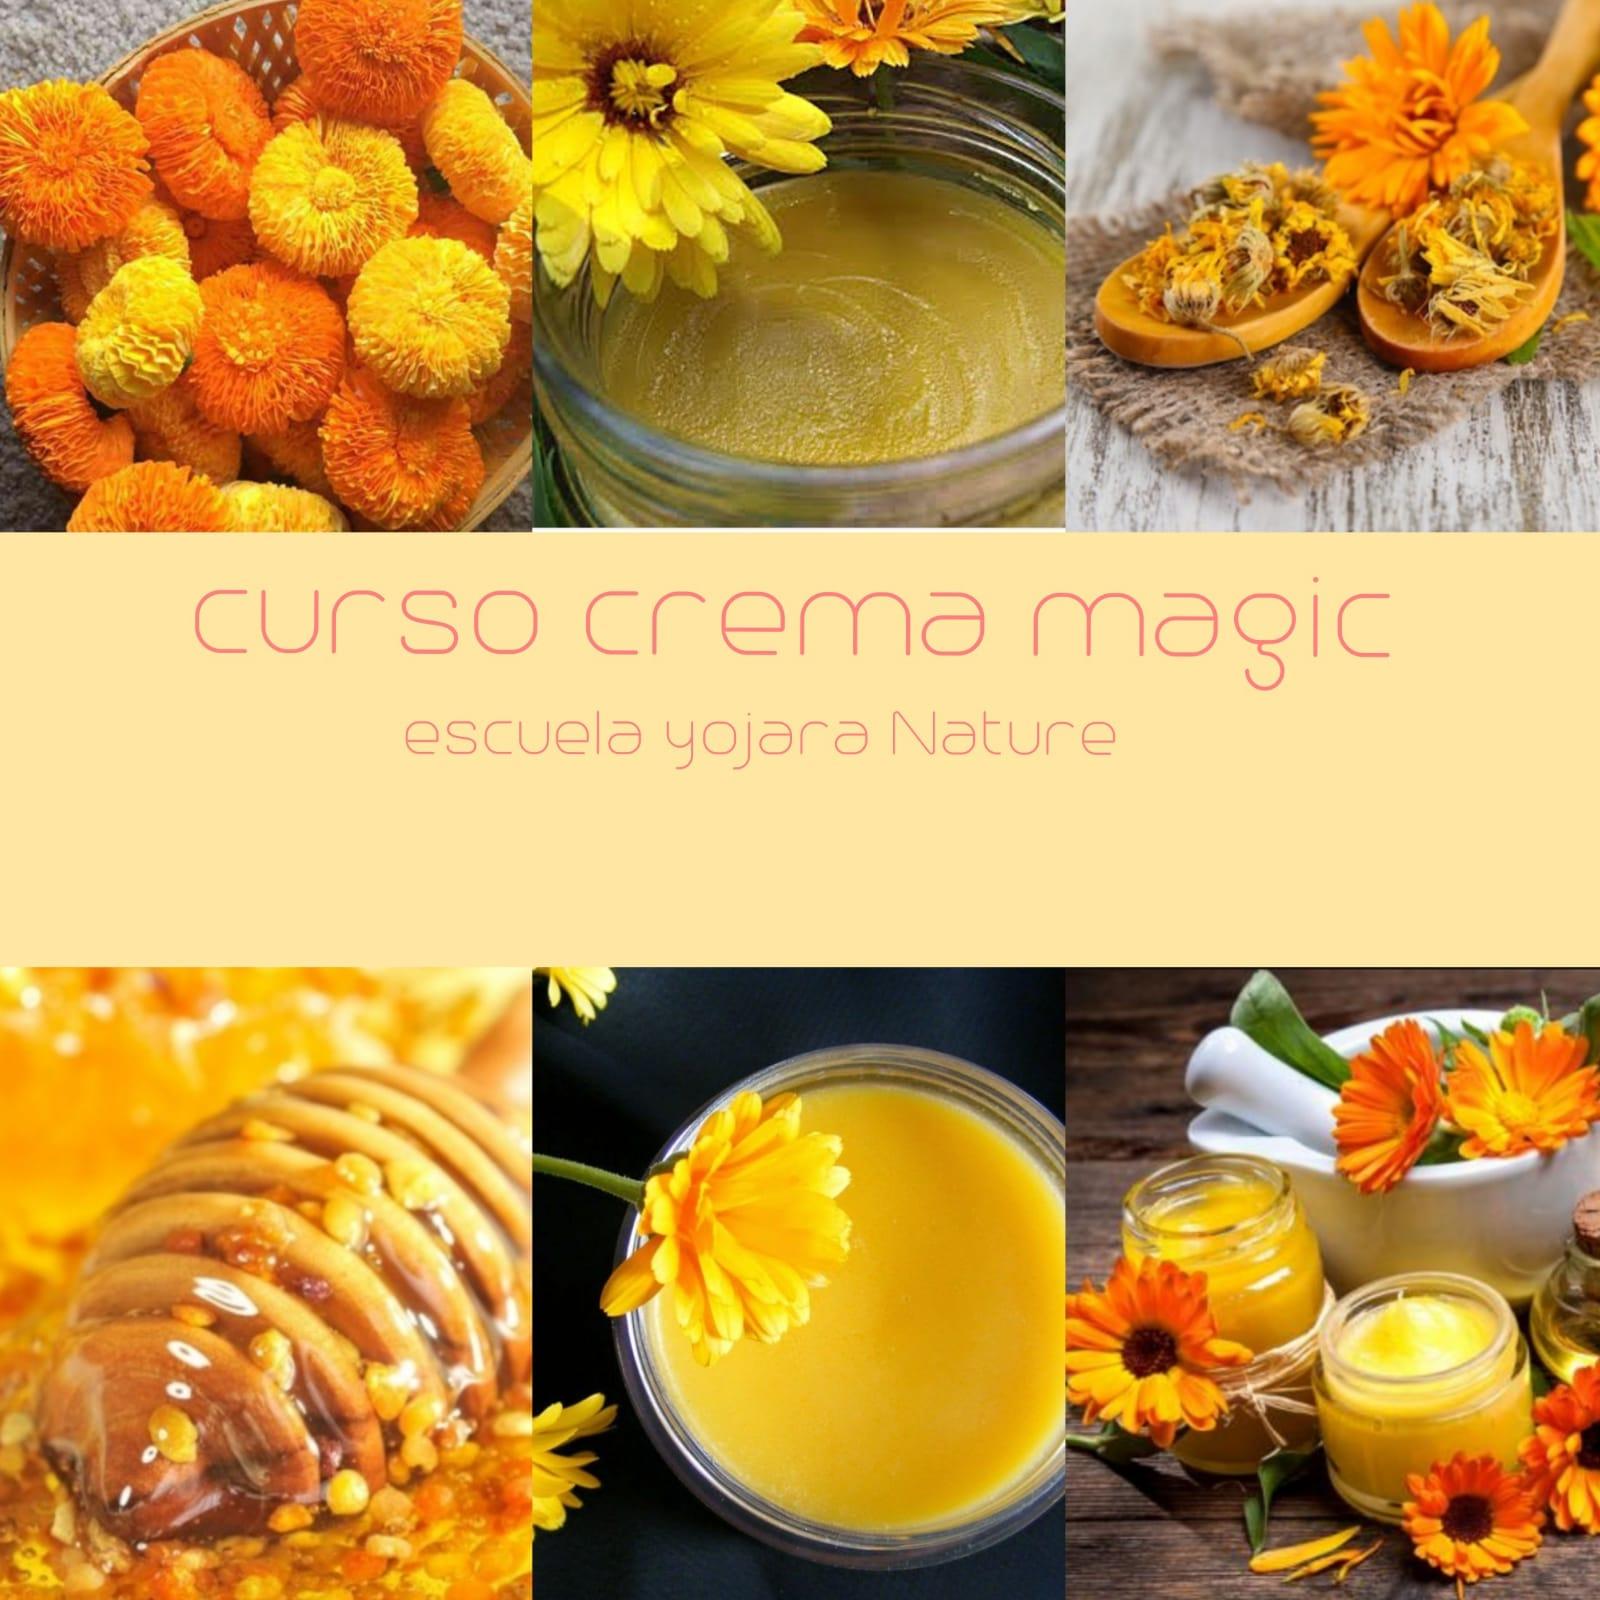 curso cosmetica natural, curso crema magic